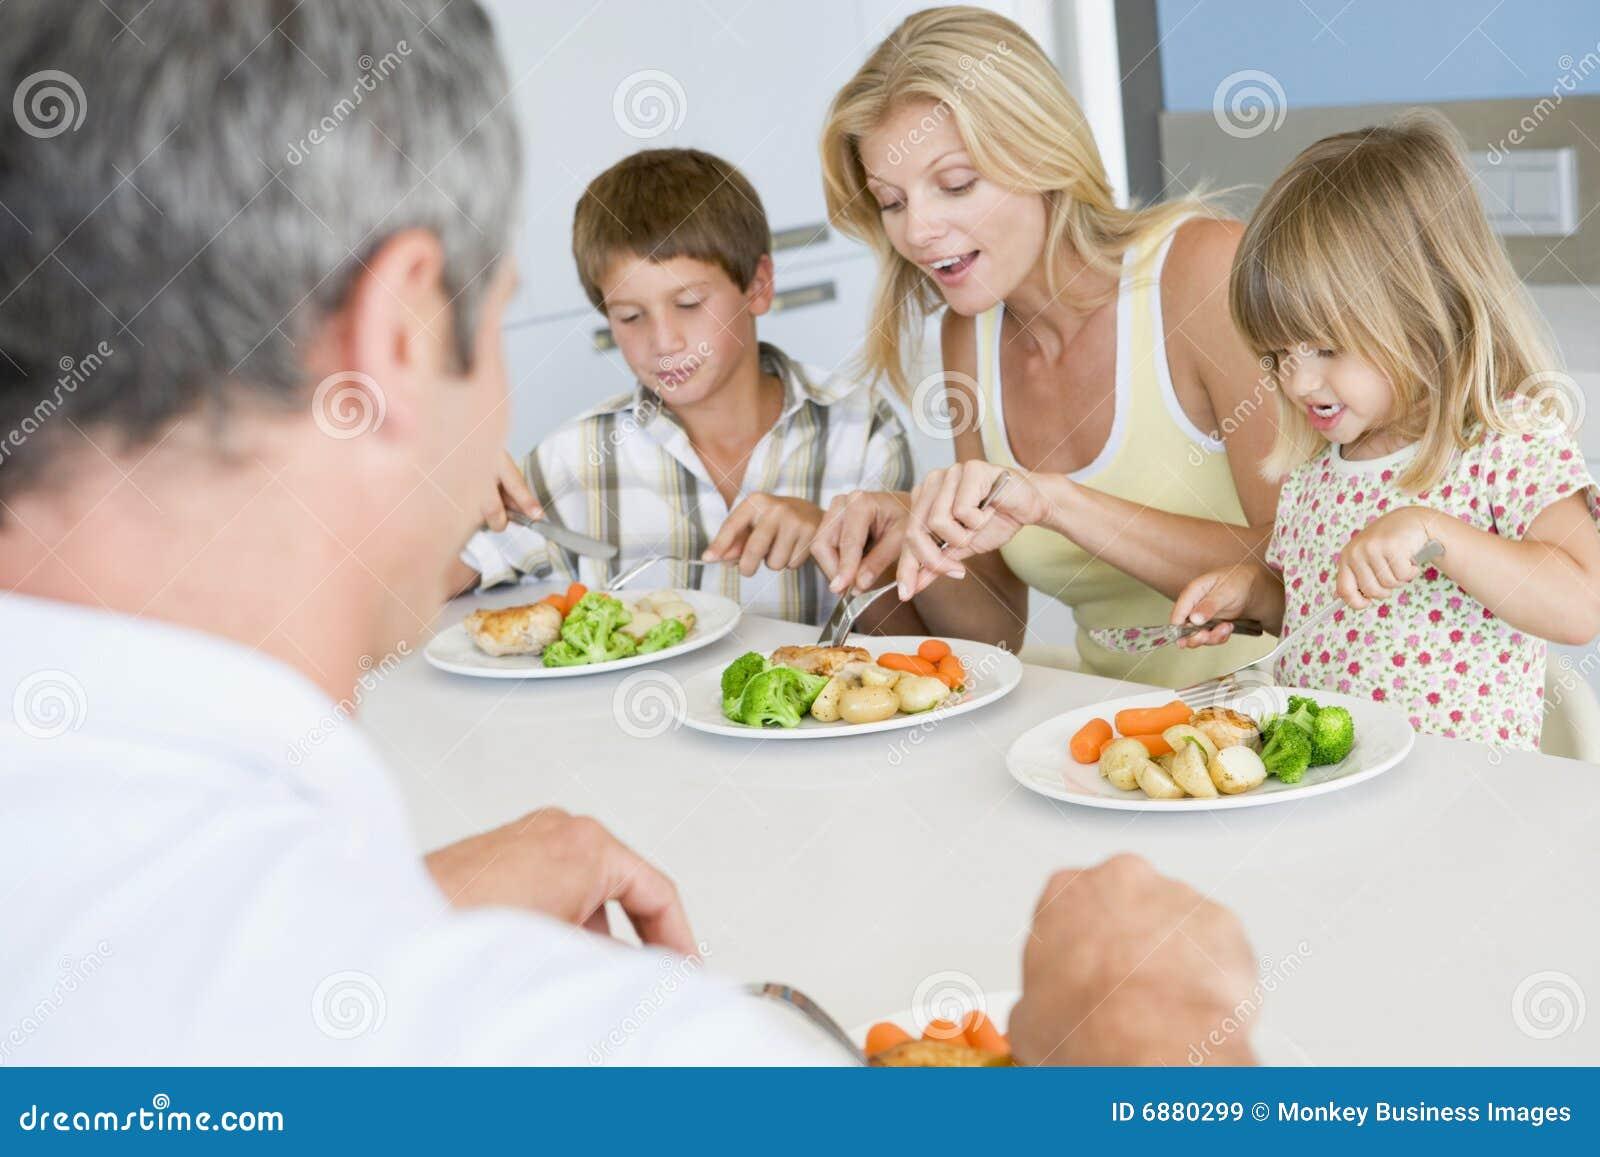 Famille mangeant le repas d 39 a mealtime ensemble image for Idee repas convivial en famille